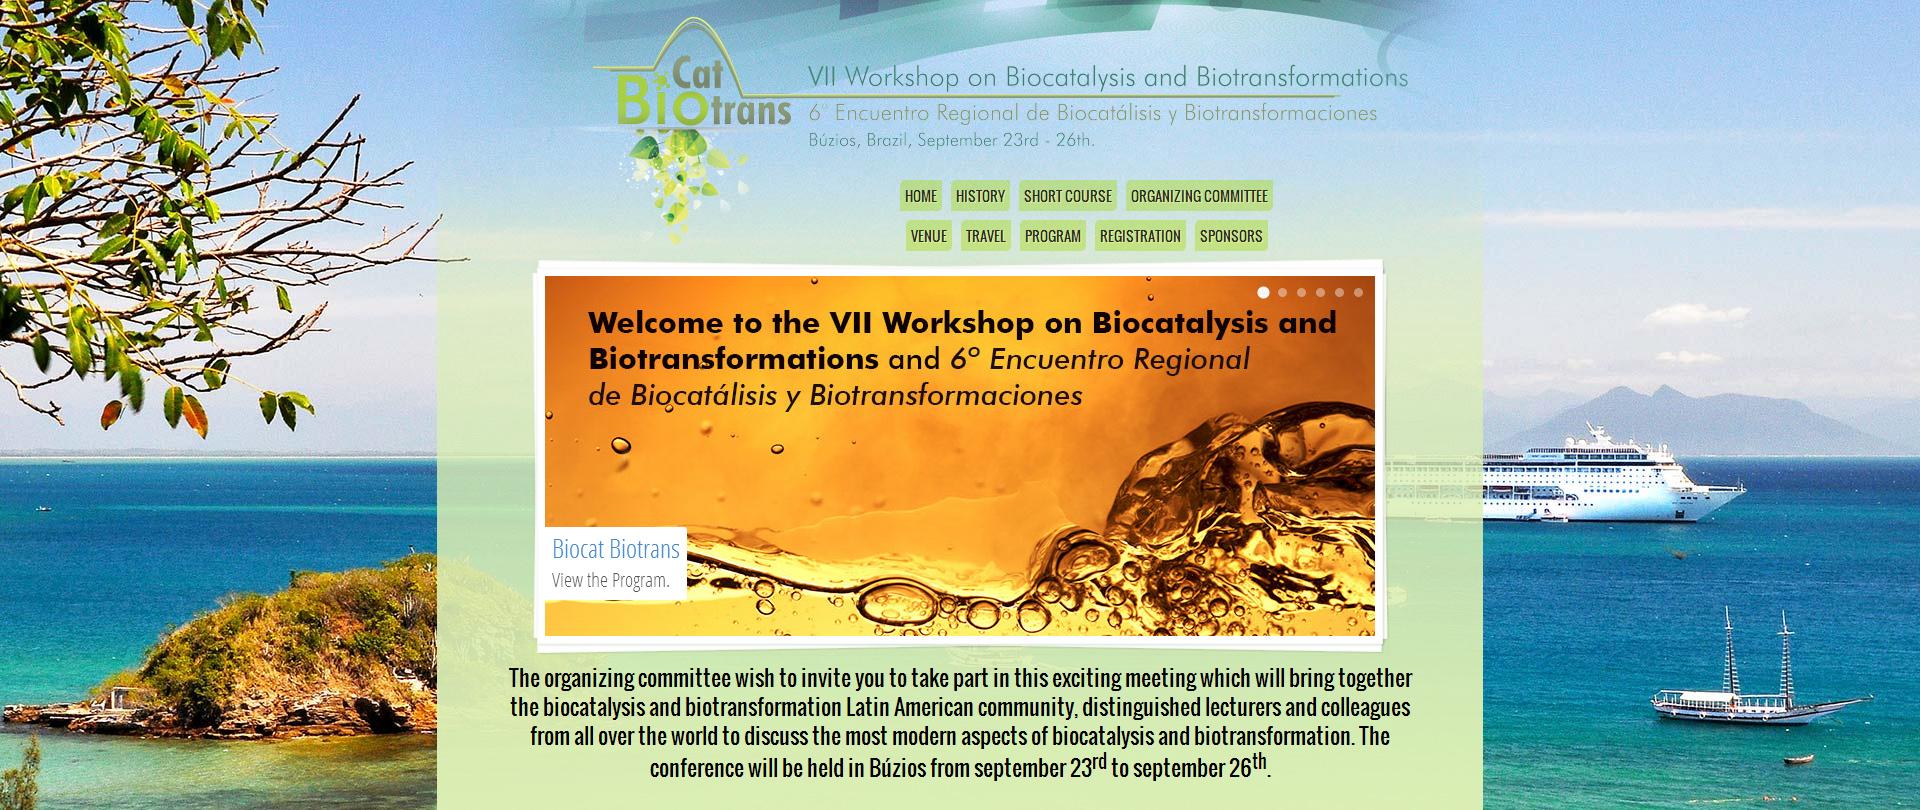 Manutenção site BiocatBiotrans